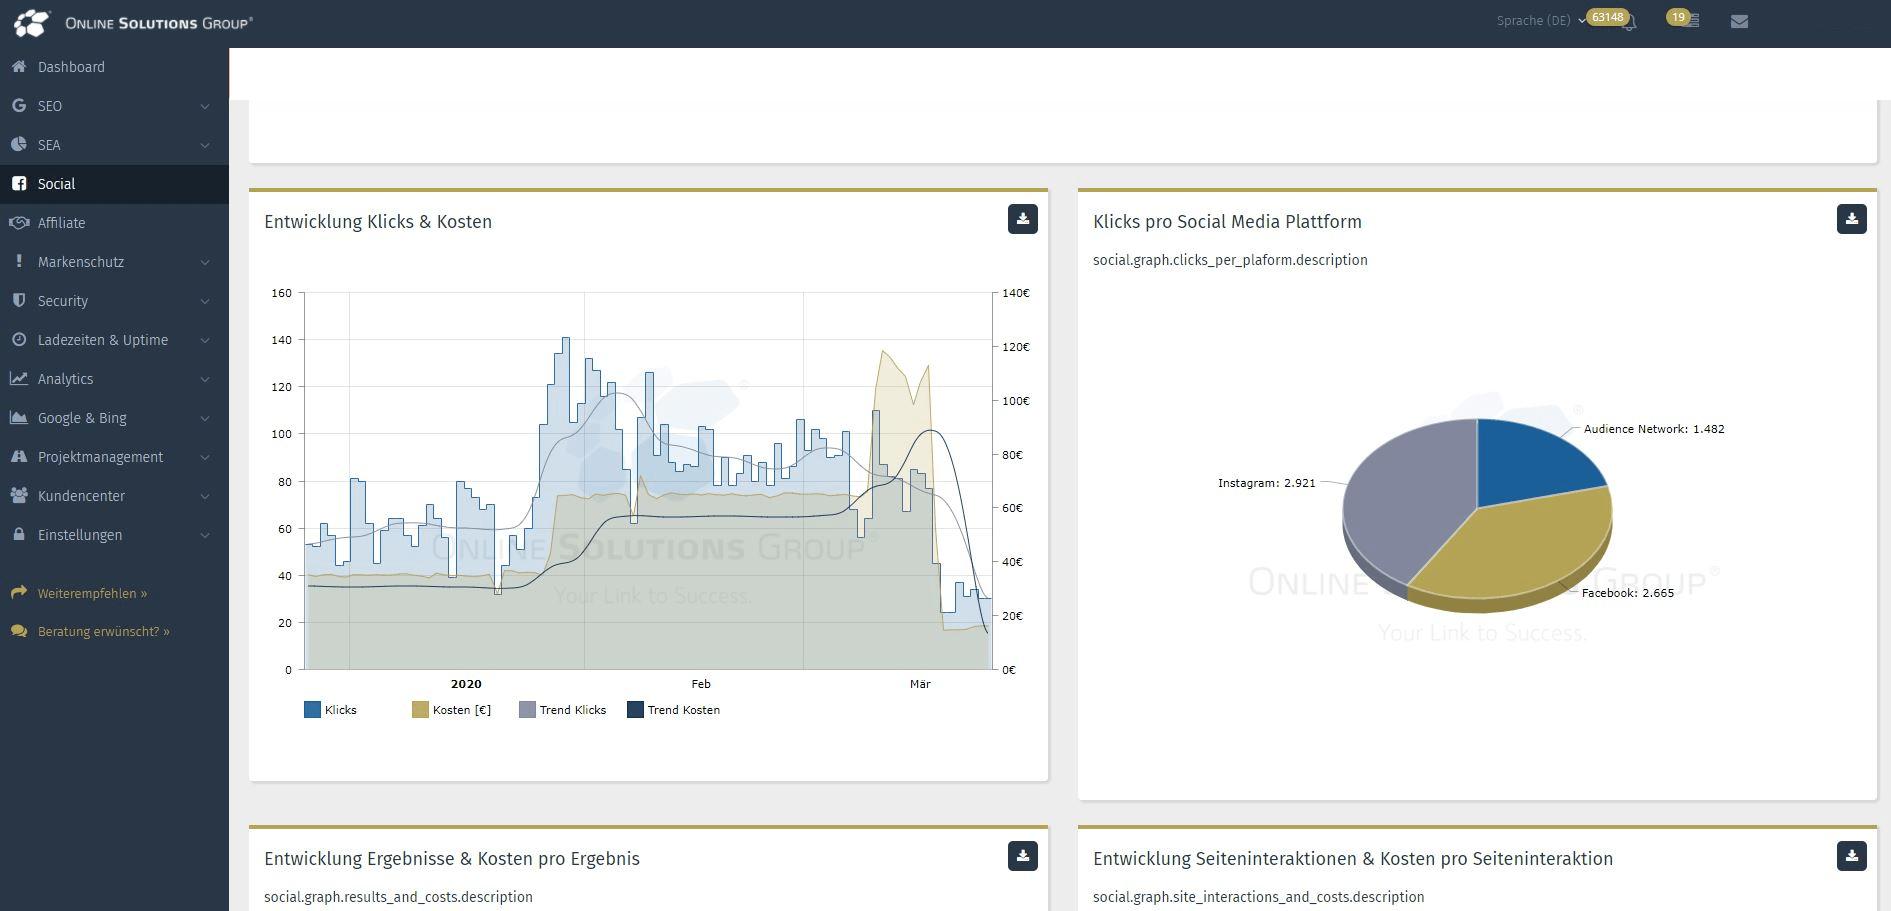 Performance Suite mit Social Media Tool: Performance nach Plattform